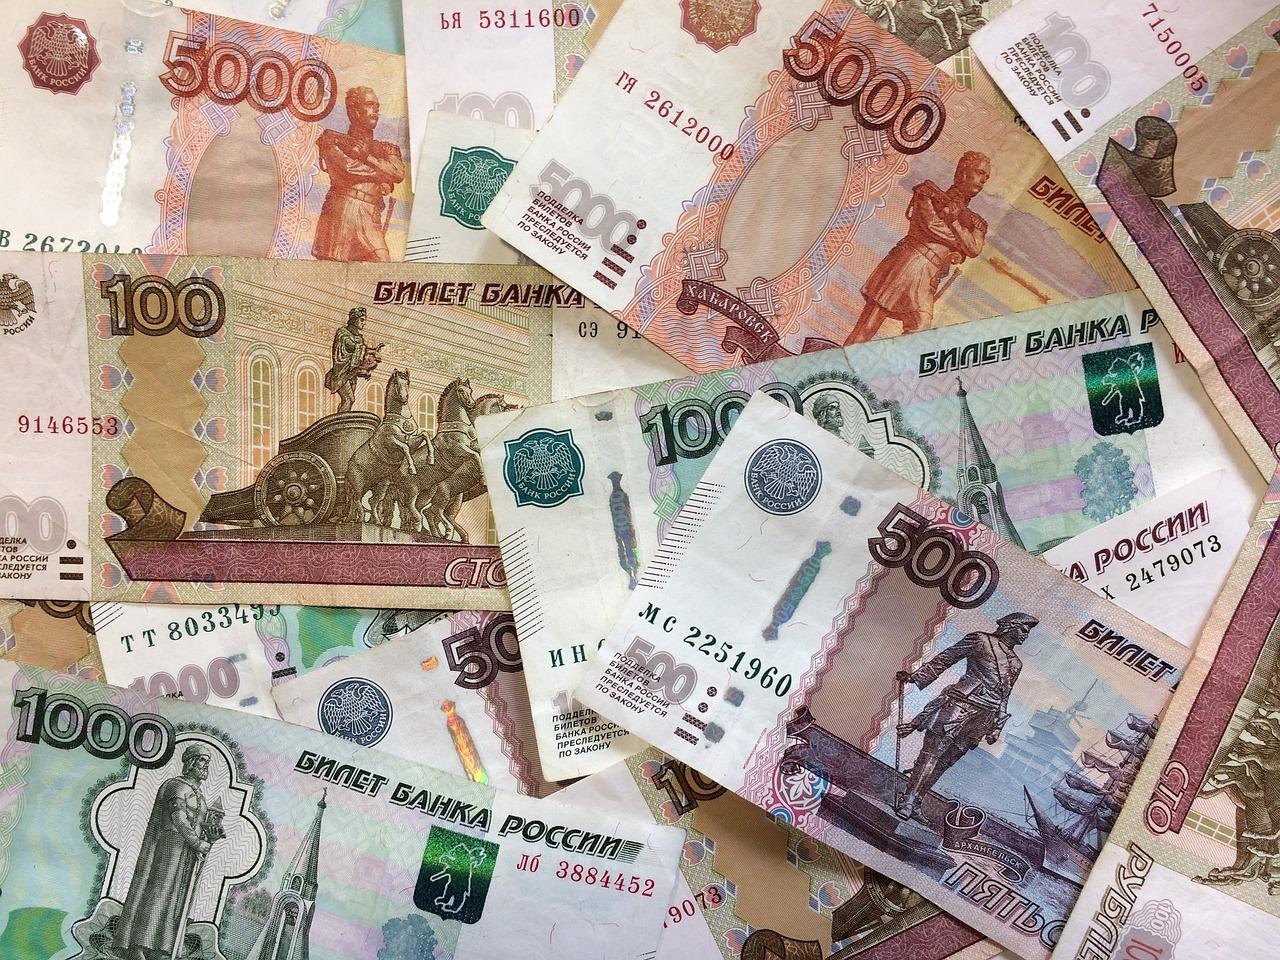 Севастополец обманул покупателей почти на 3,5 млн рублей